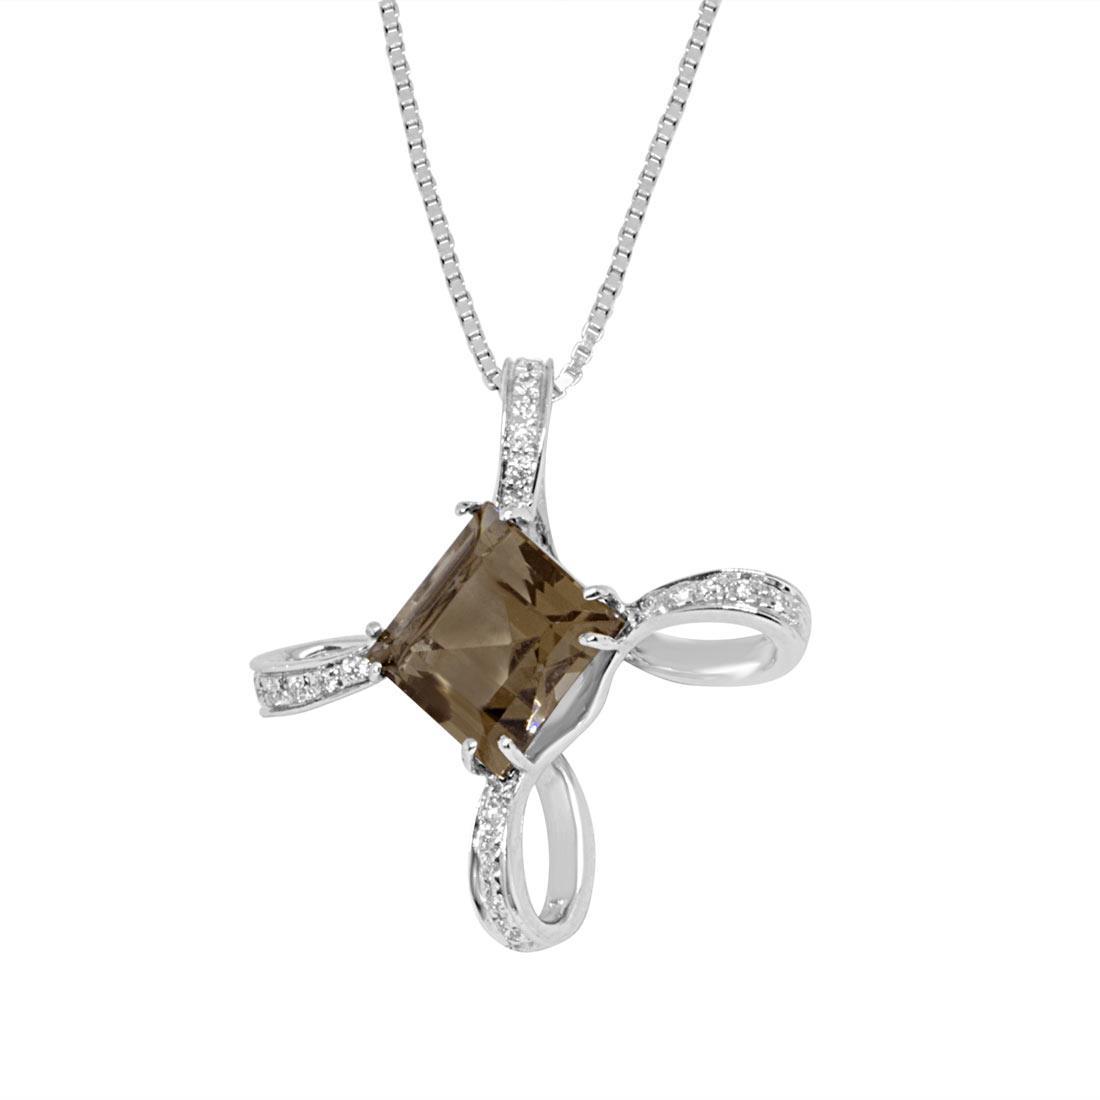 Collana in oro bianco, pendente con diamanti e quarzo fumé - ALFIERI ST JOHN